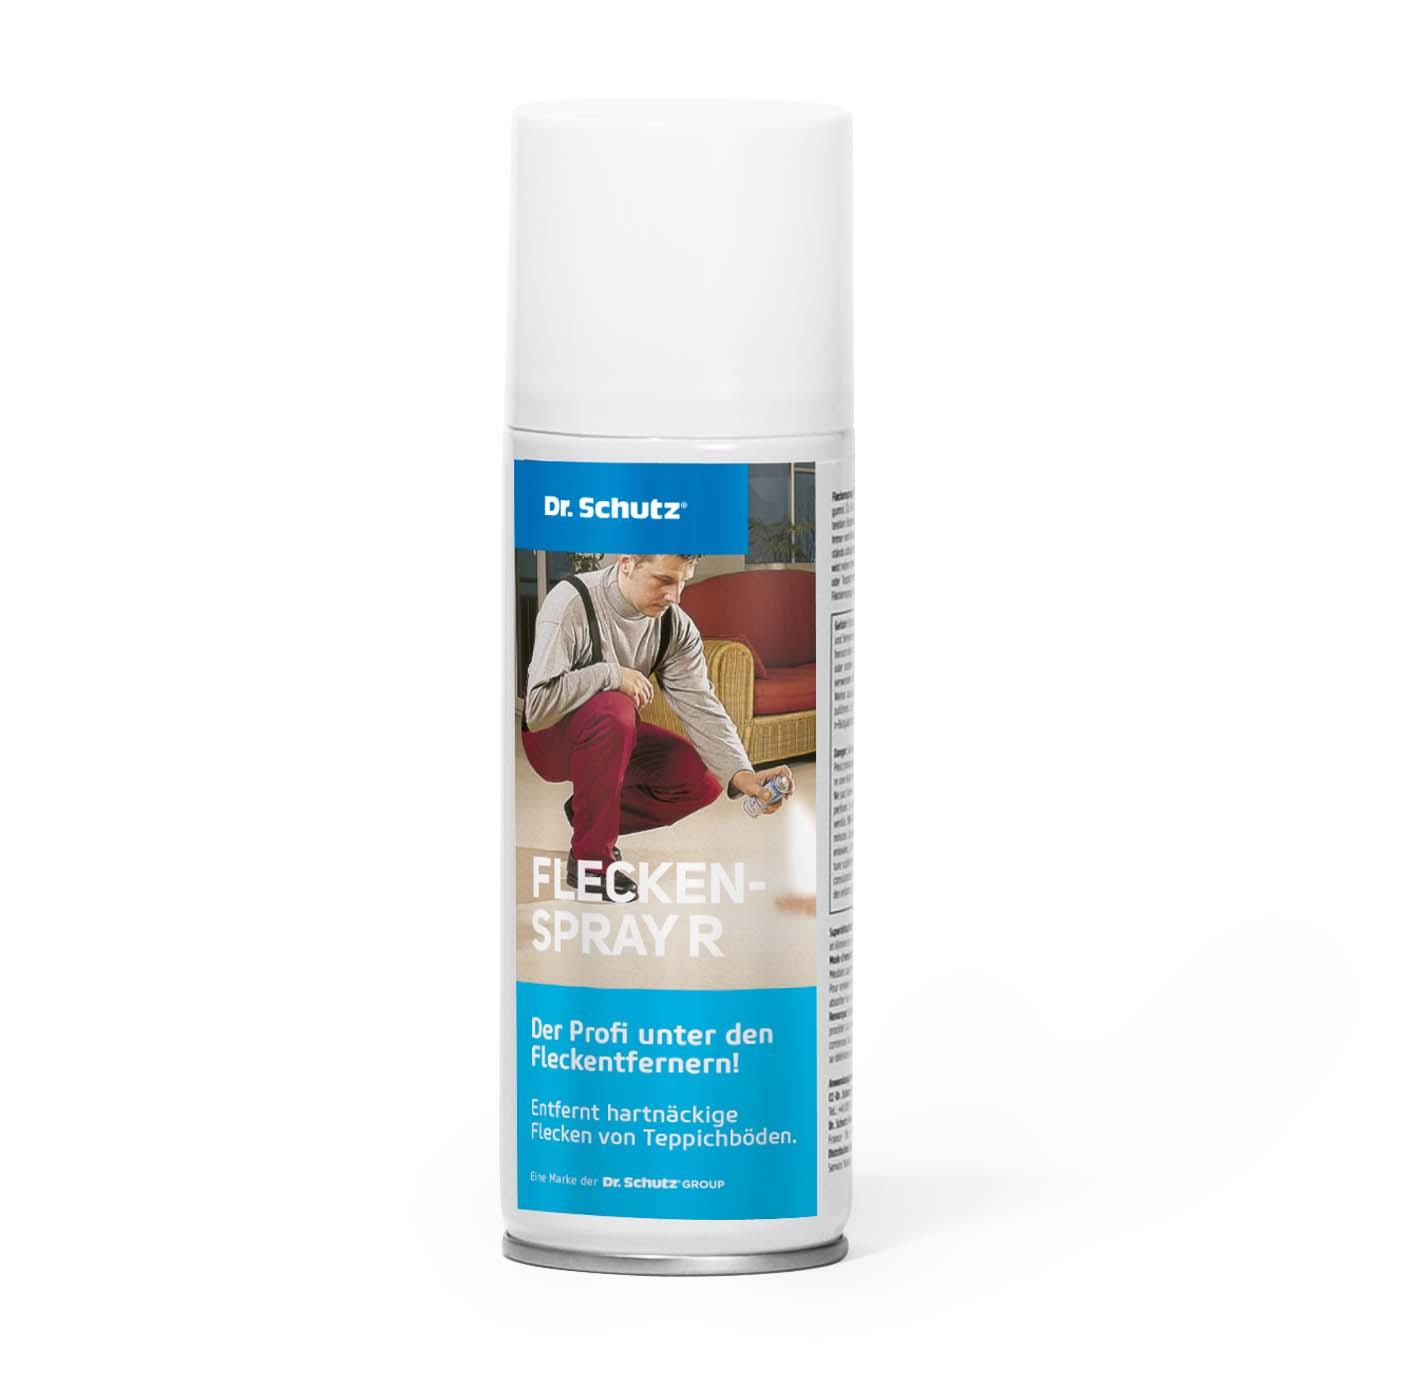 Fleckenspray für Teppichböden